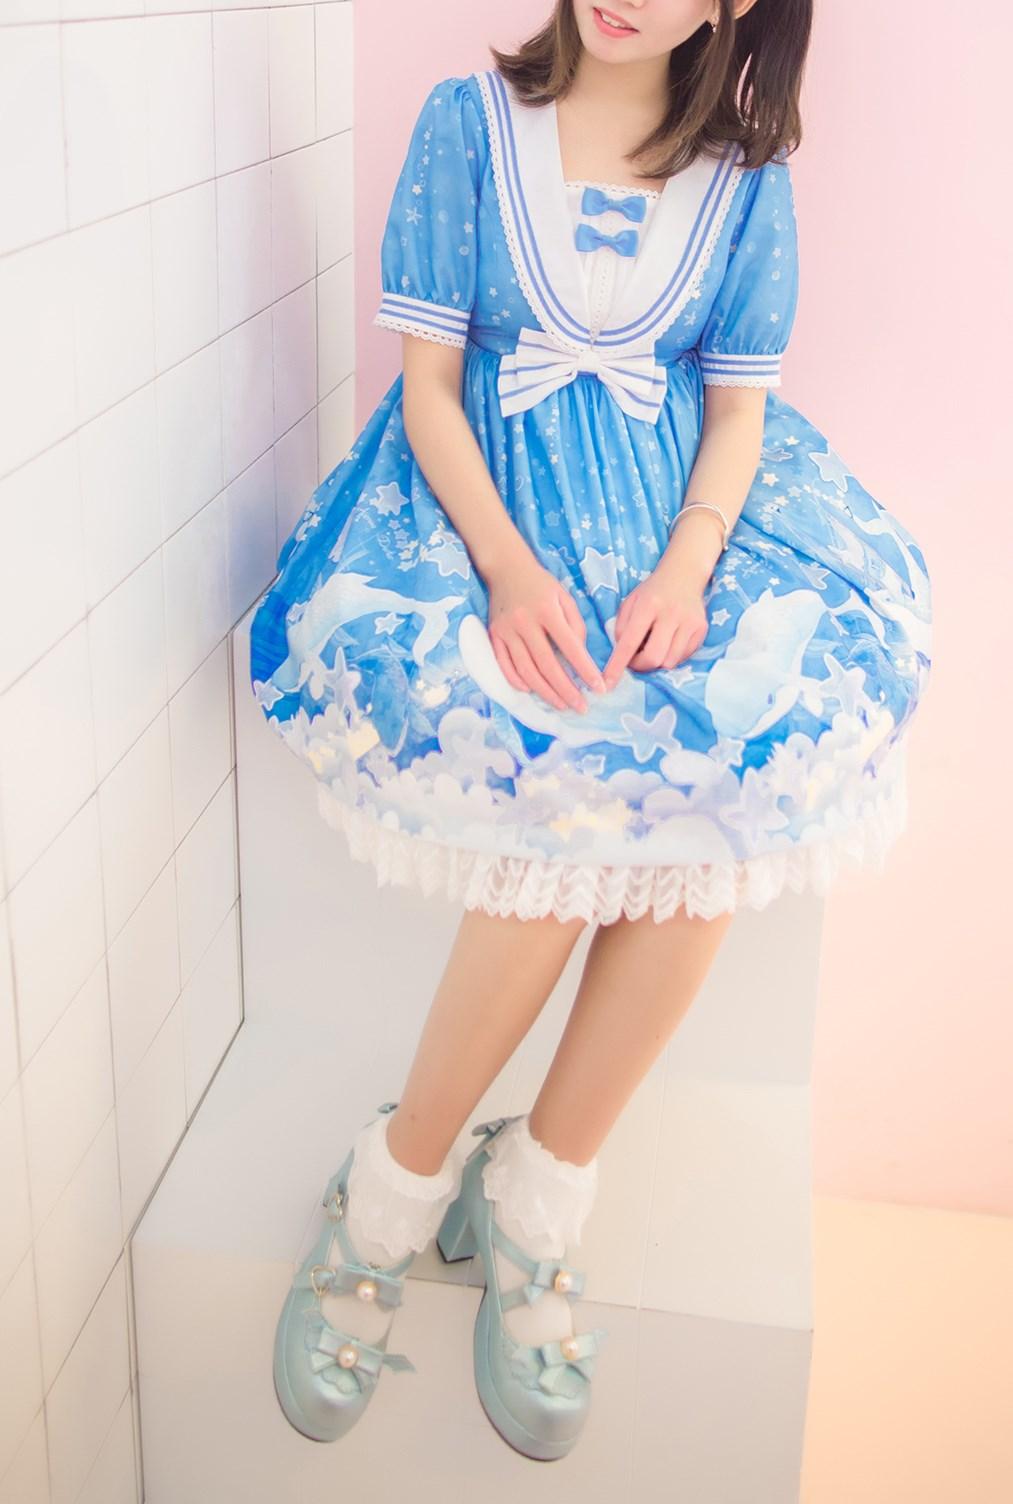 【兔玩映画】蓝色的LO娘 兔玩映画 第52张